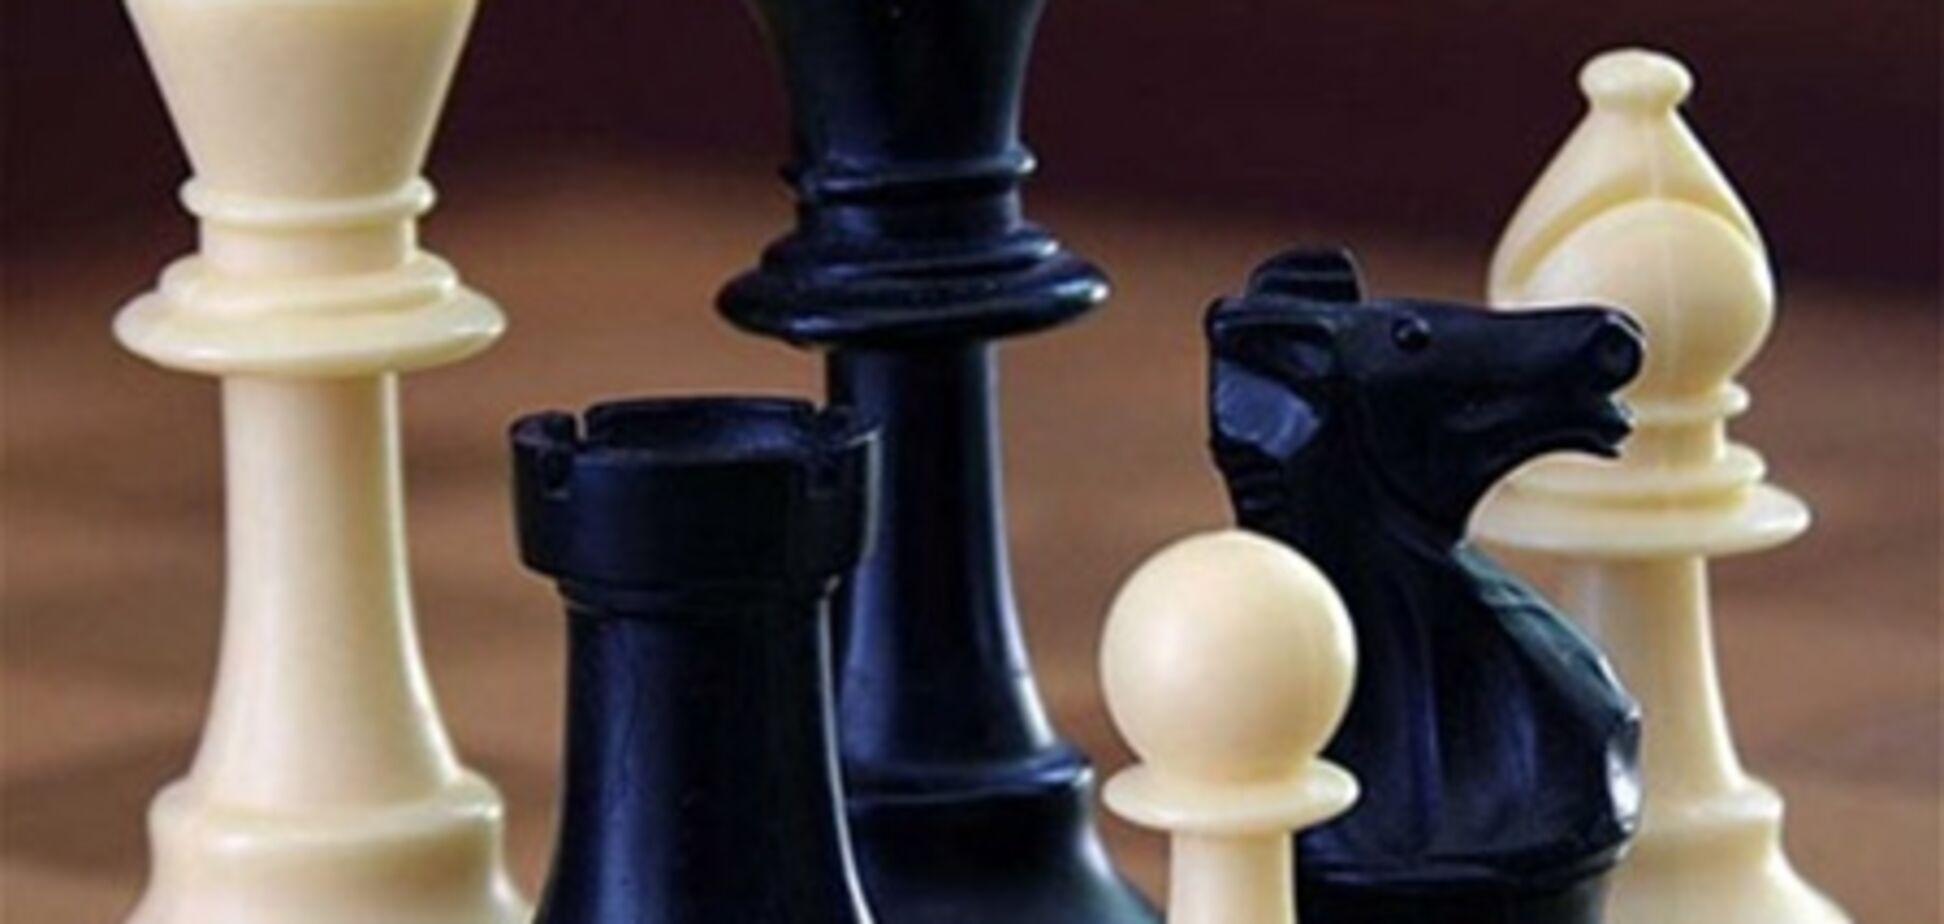 Чемпионат Украины по шахматам: смотрины будущих звезд